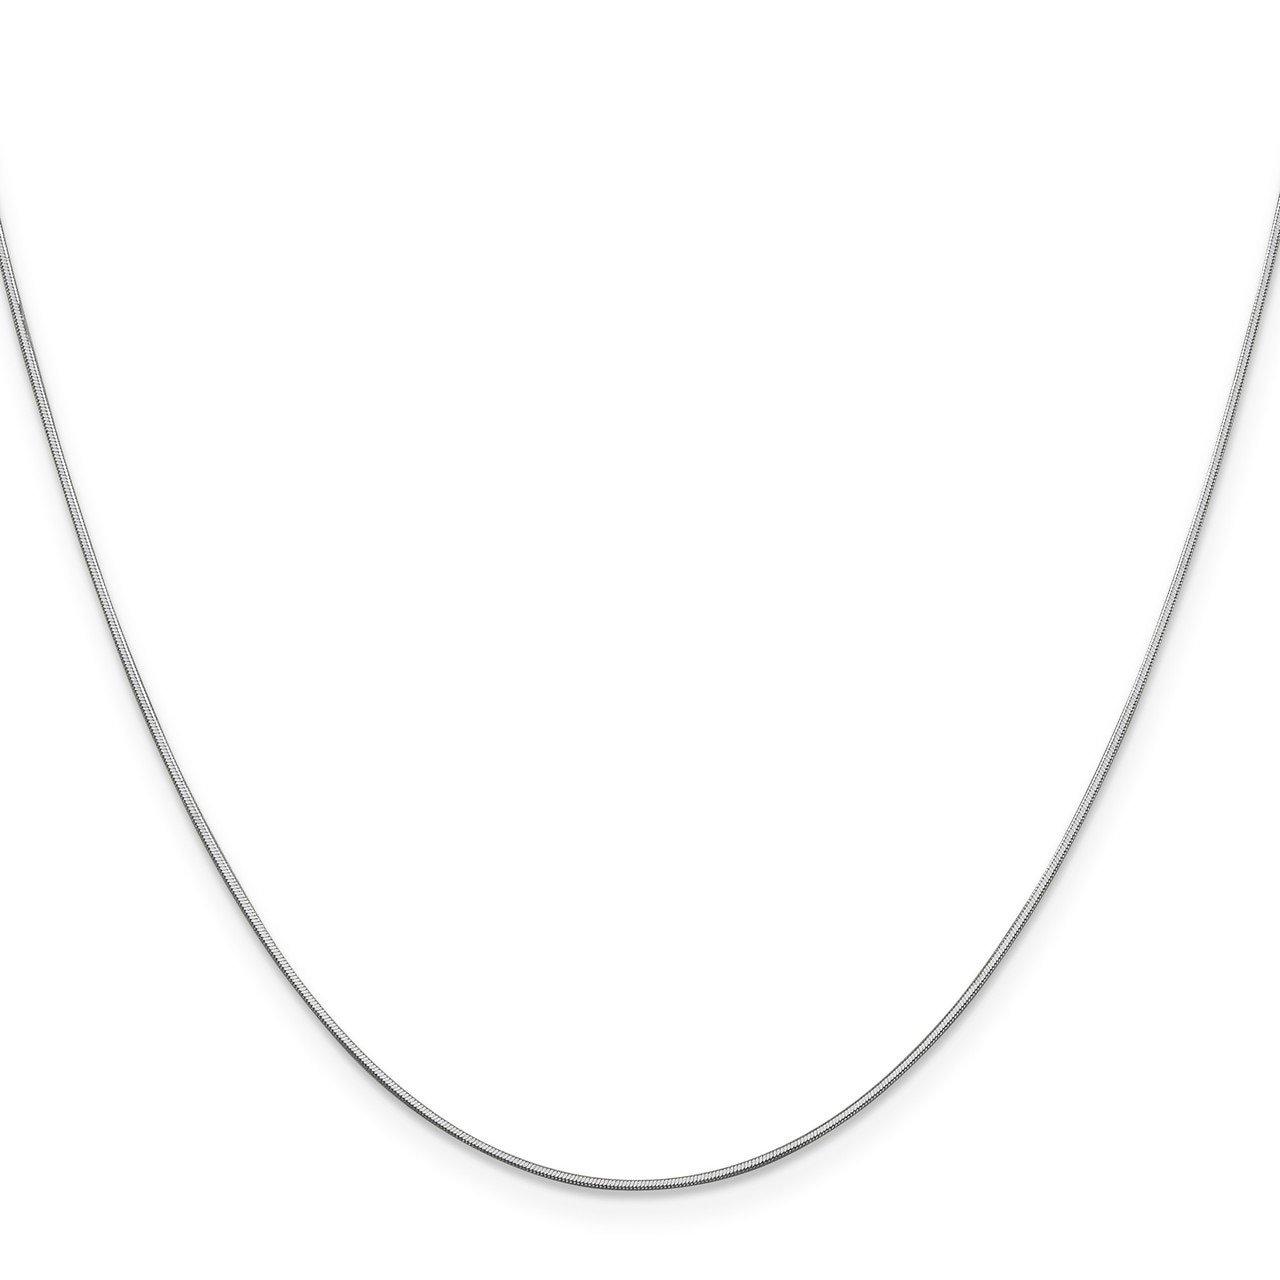 Lex /& Lu 14k White Gold .80mm Ocatagonal Snake Chain Necklace or Bracelet